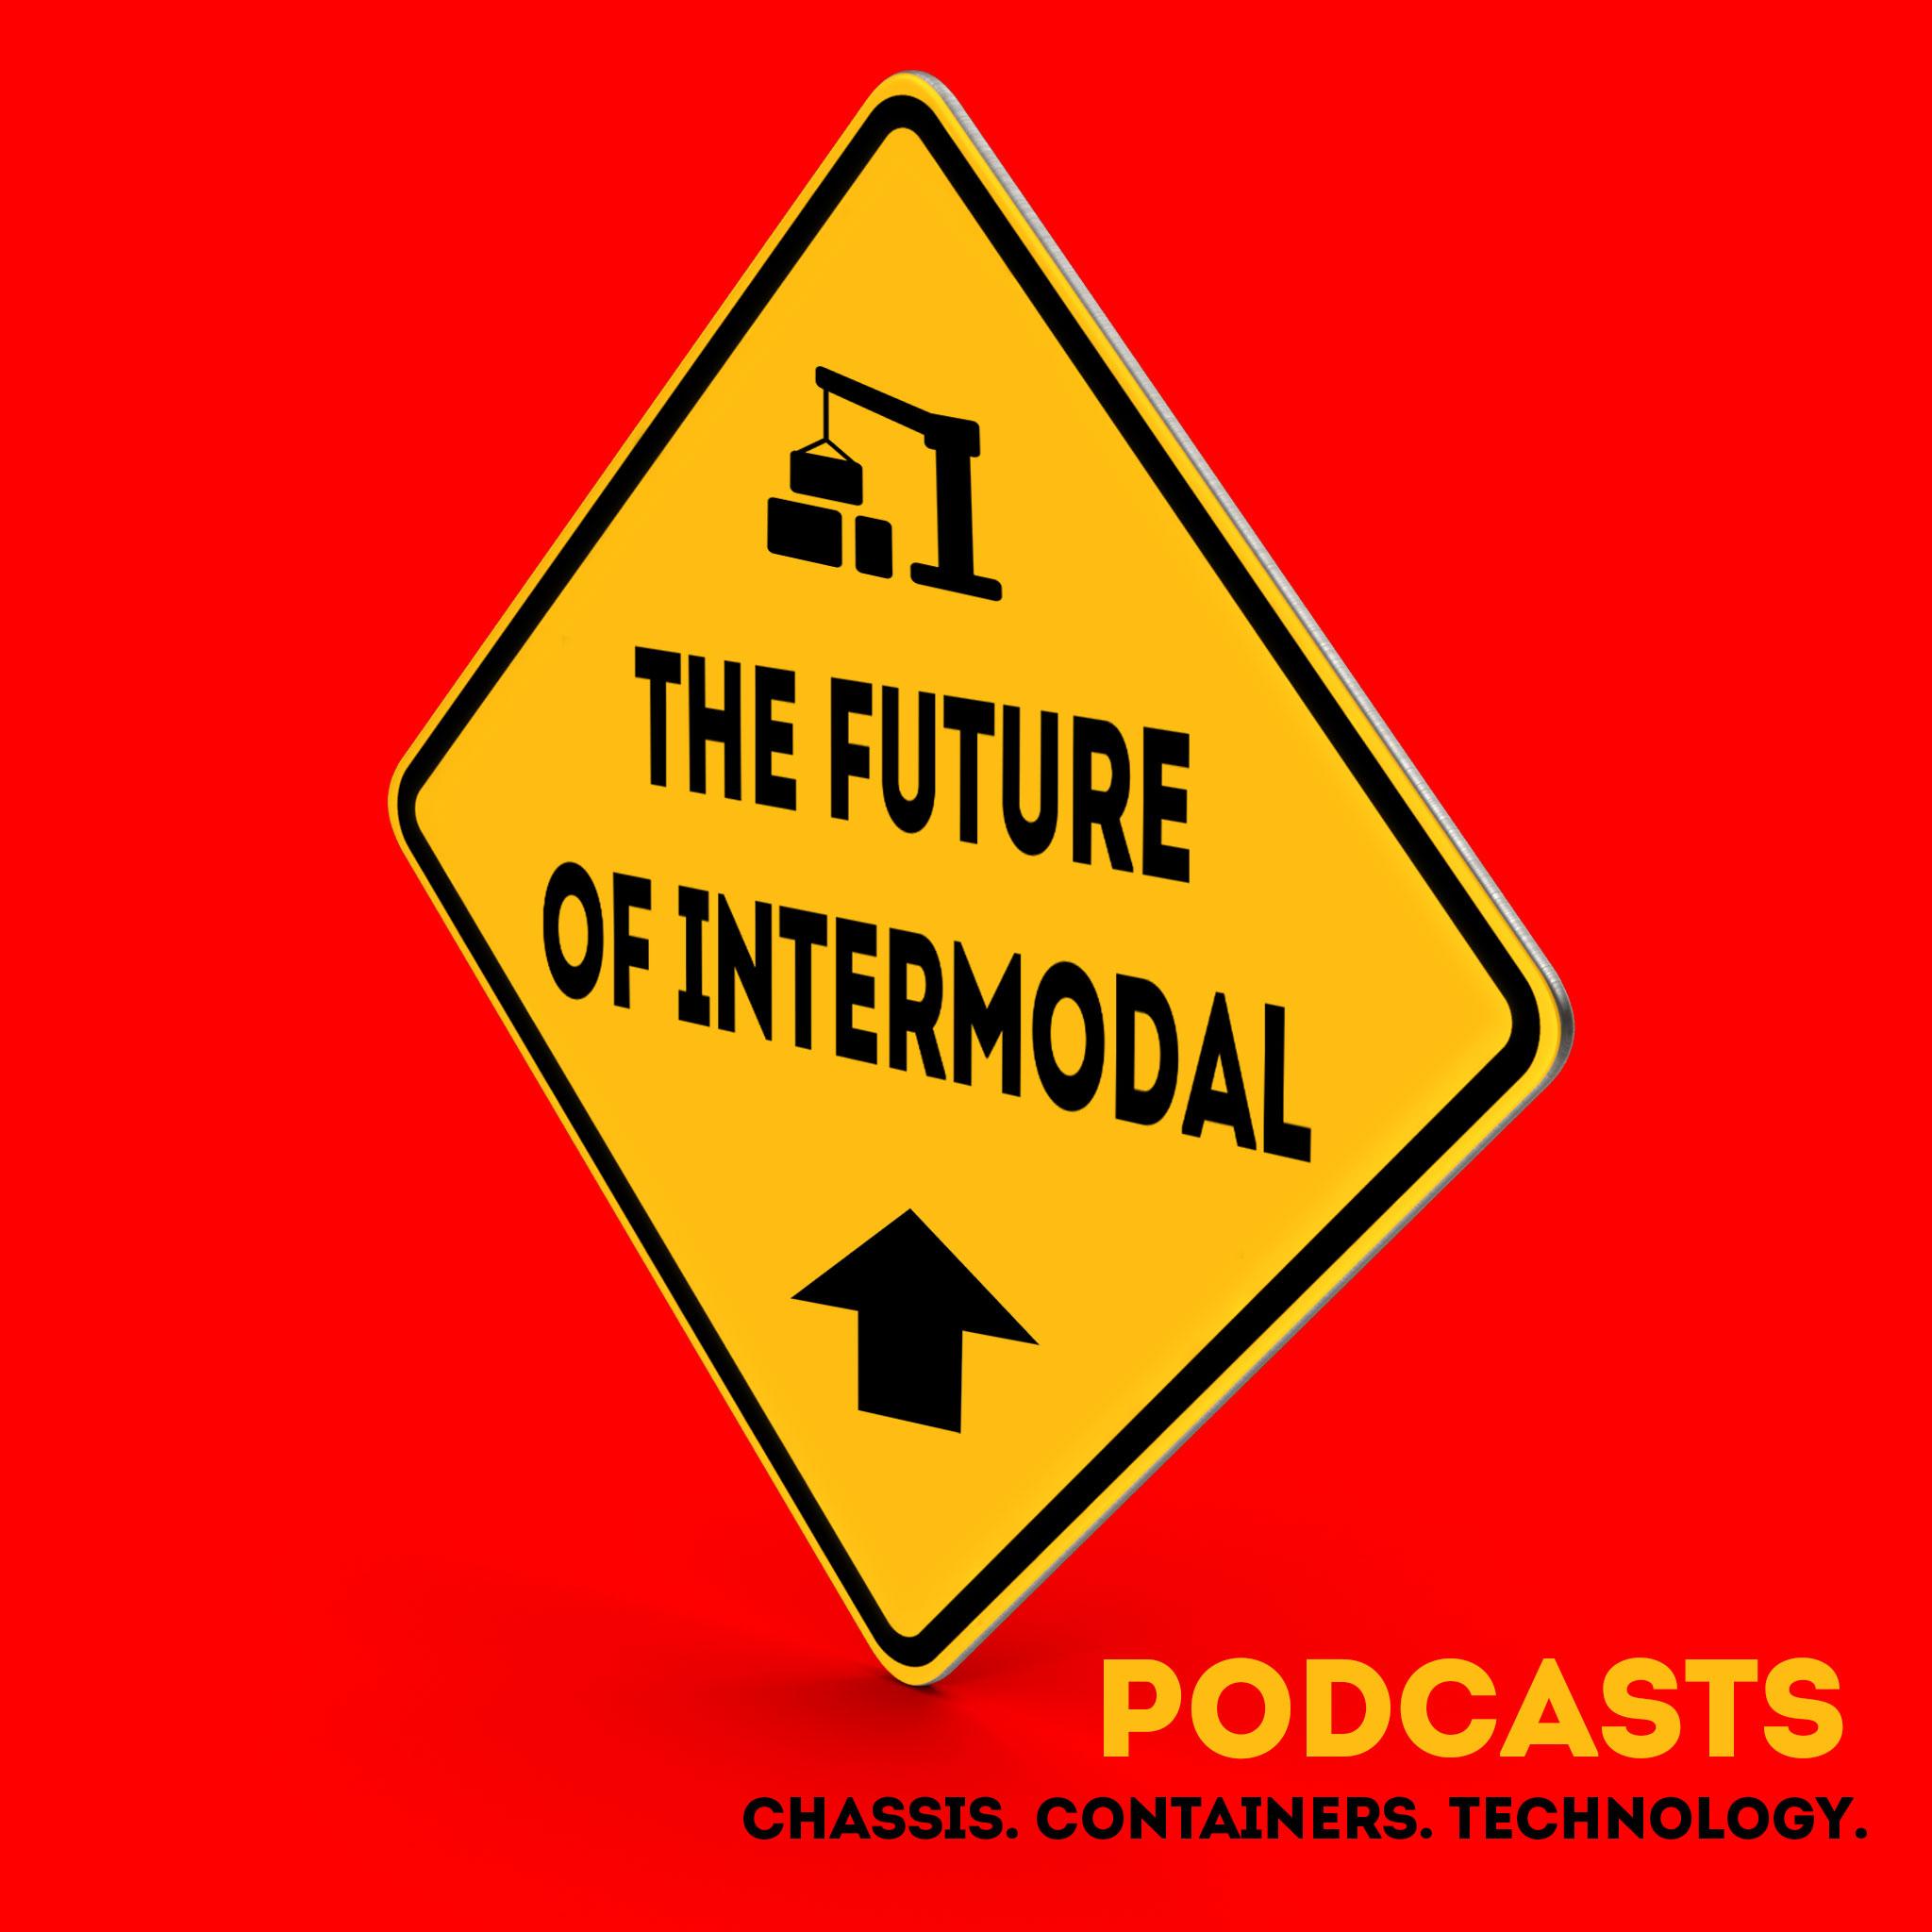 The Future of Intermodal